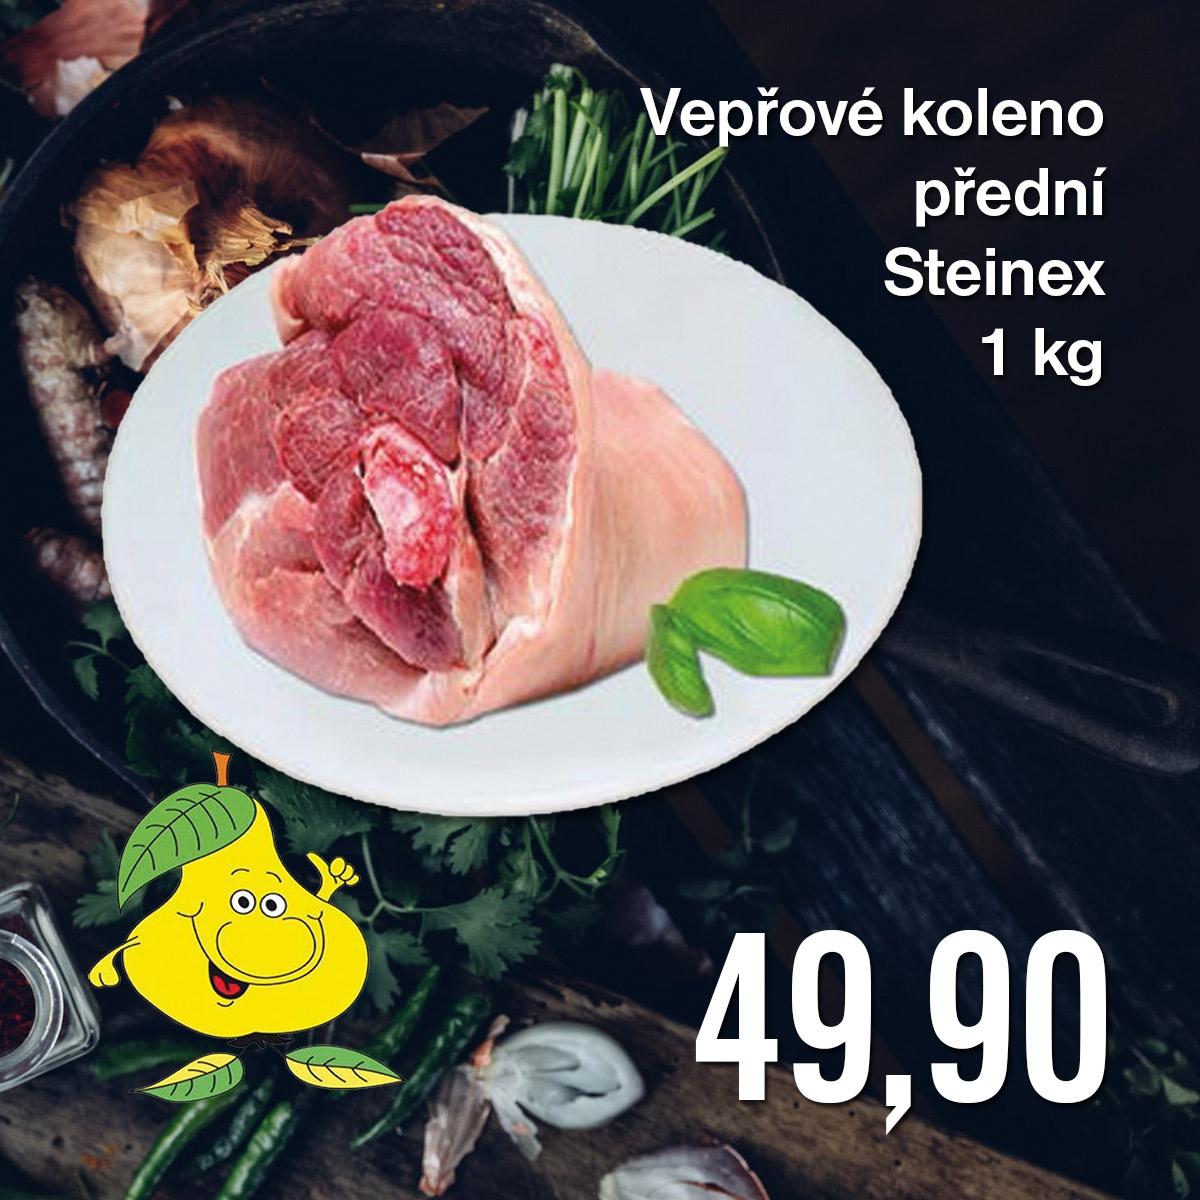 Vepřové koleno přední Steinex 1 kg